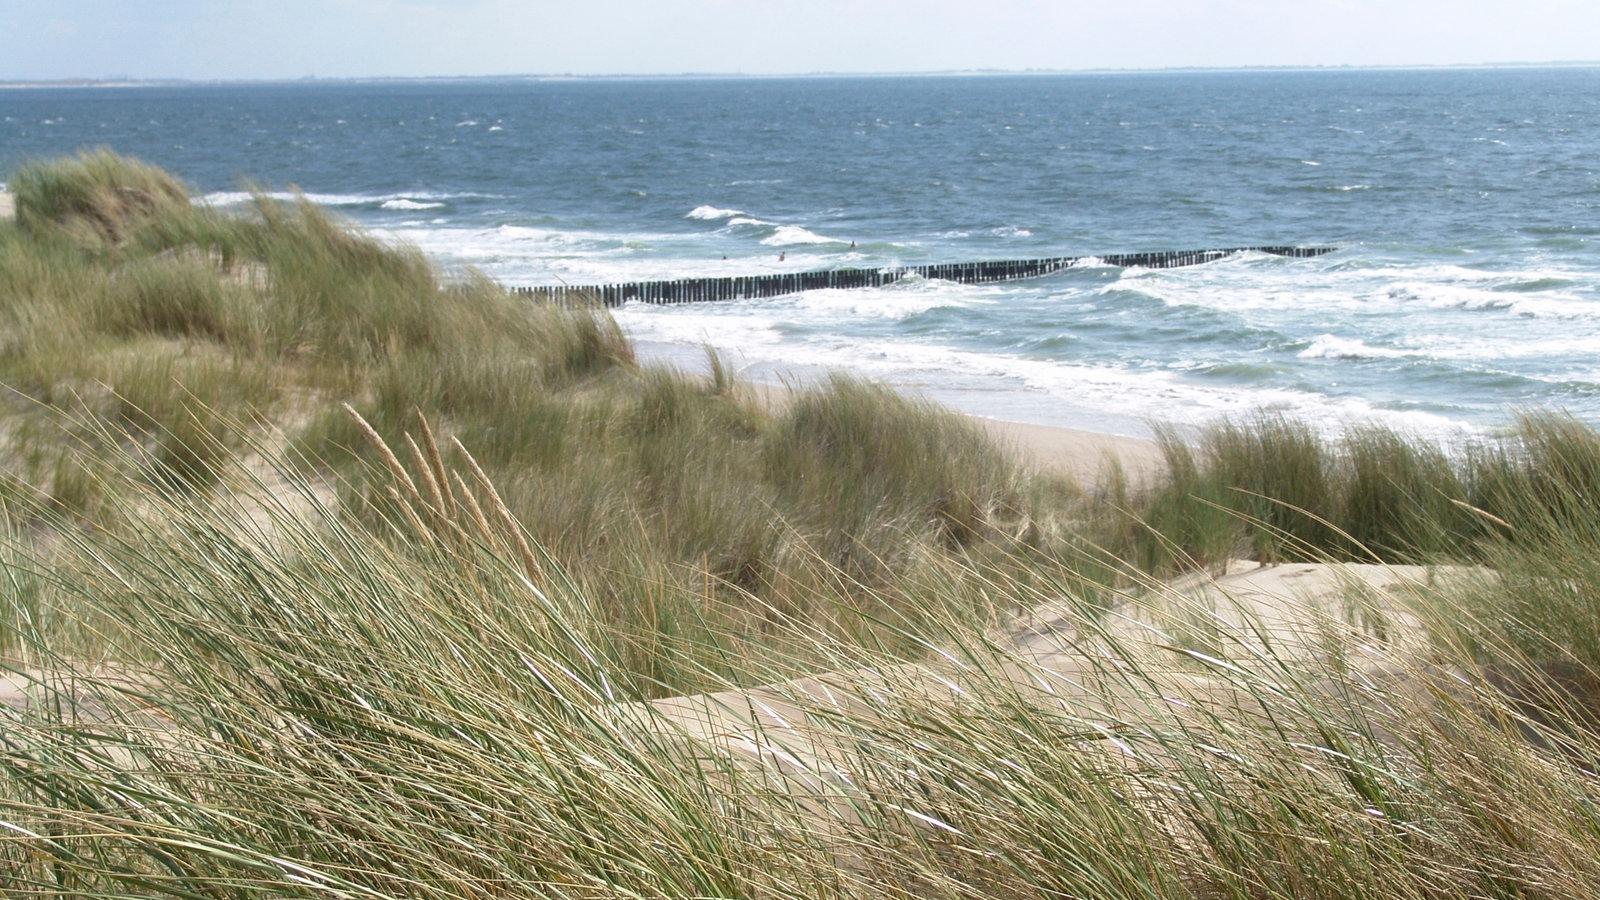 nordsee 1 foto bild meer strand landschaft bilder auf fotocommunity. Black Bedroom Furniture Sets. Home Design Ideas